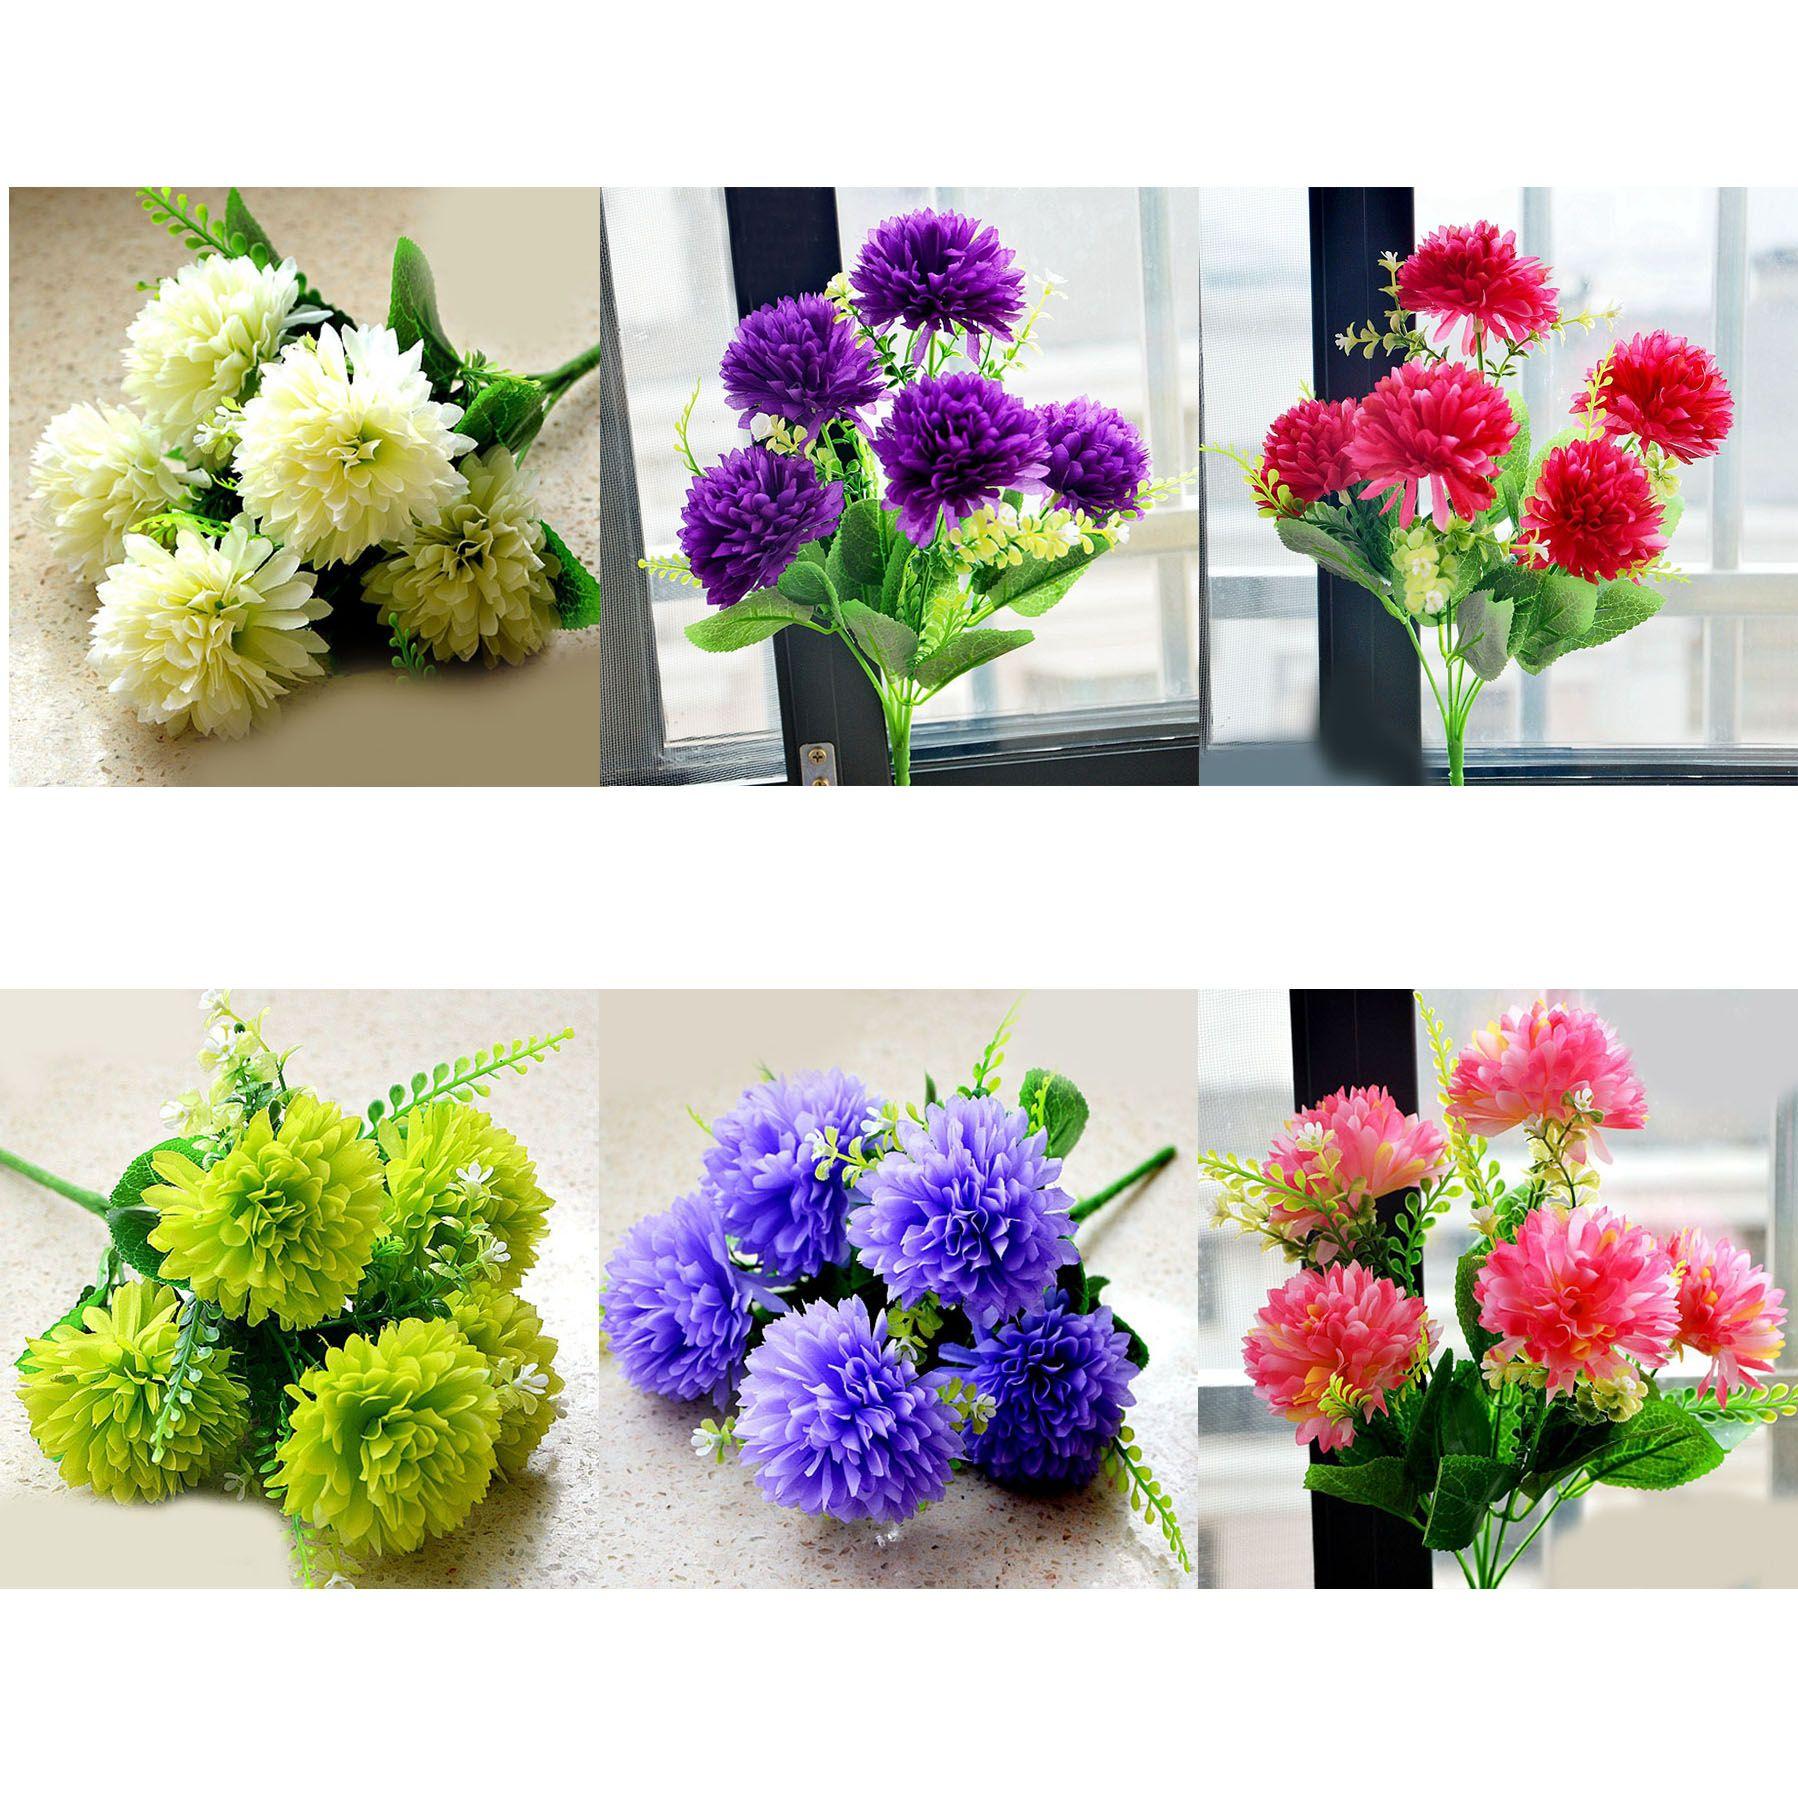 2017 Wholesale Artificial Flowers Artificial Flower 5 Heads Hydrangea Ball Da